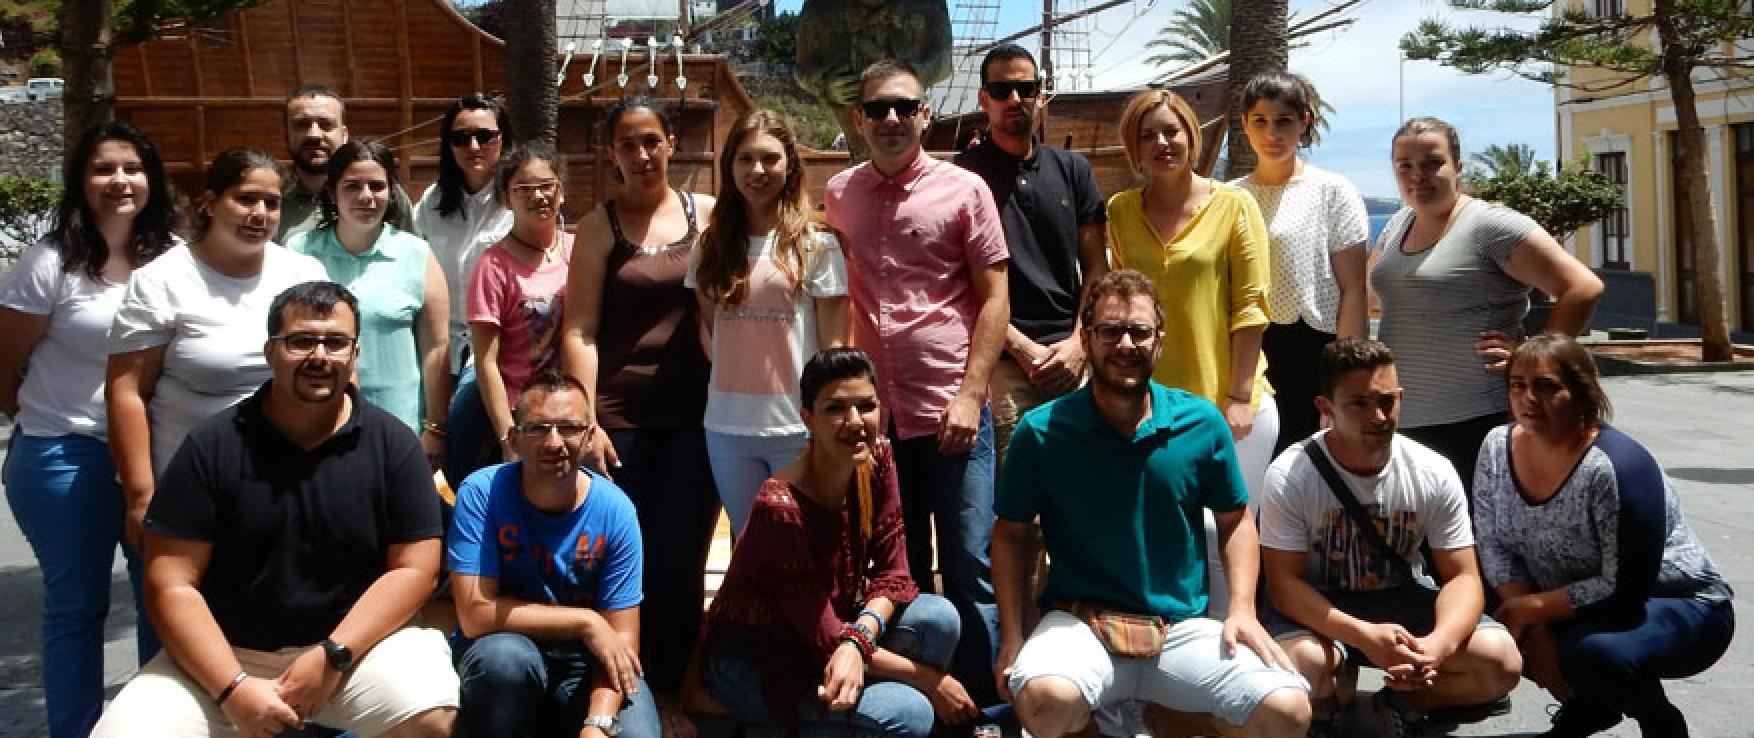 'Lanzadera de Empleo La Palma' propicia la inserción laboral del 28% de sus participantes